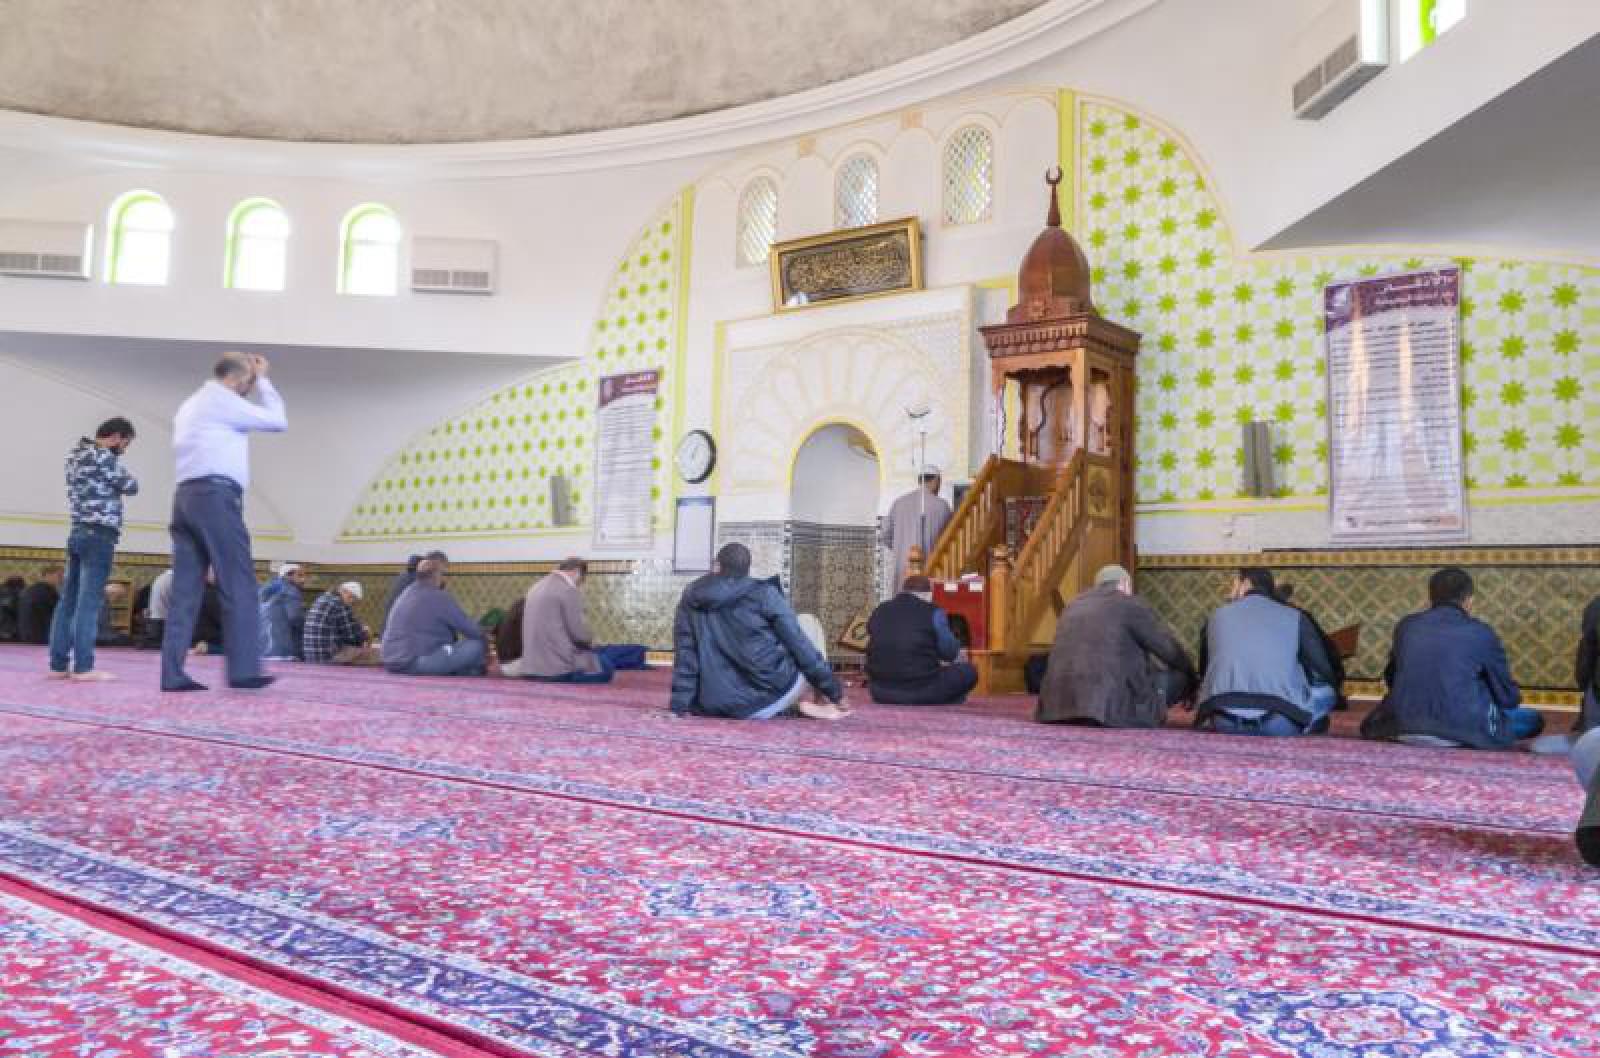 Austria: Reacția musulmanilor după ce guvernul a anunțat că va închide şapte moschei